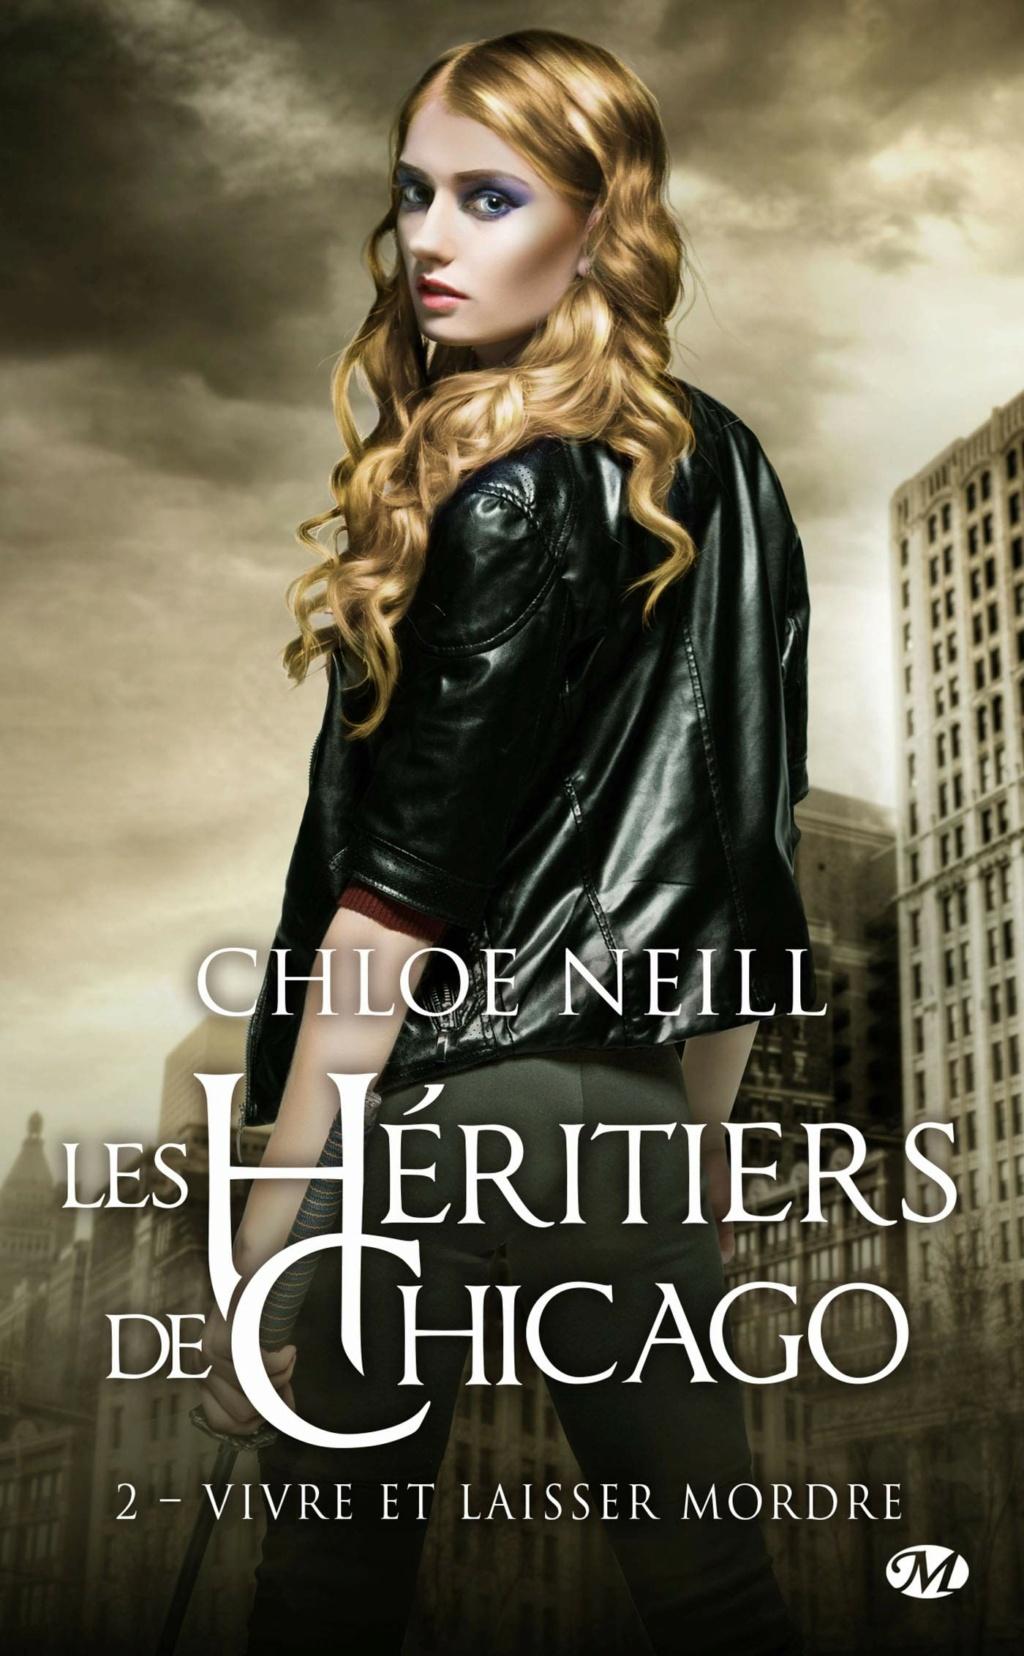 Les héritiers de Chicago - Tome 2 : Vivre et laisser mordre de Chloé Neill Les-he10